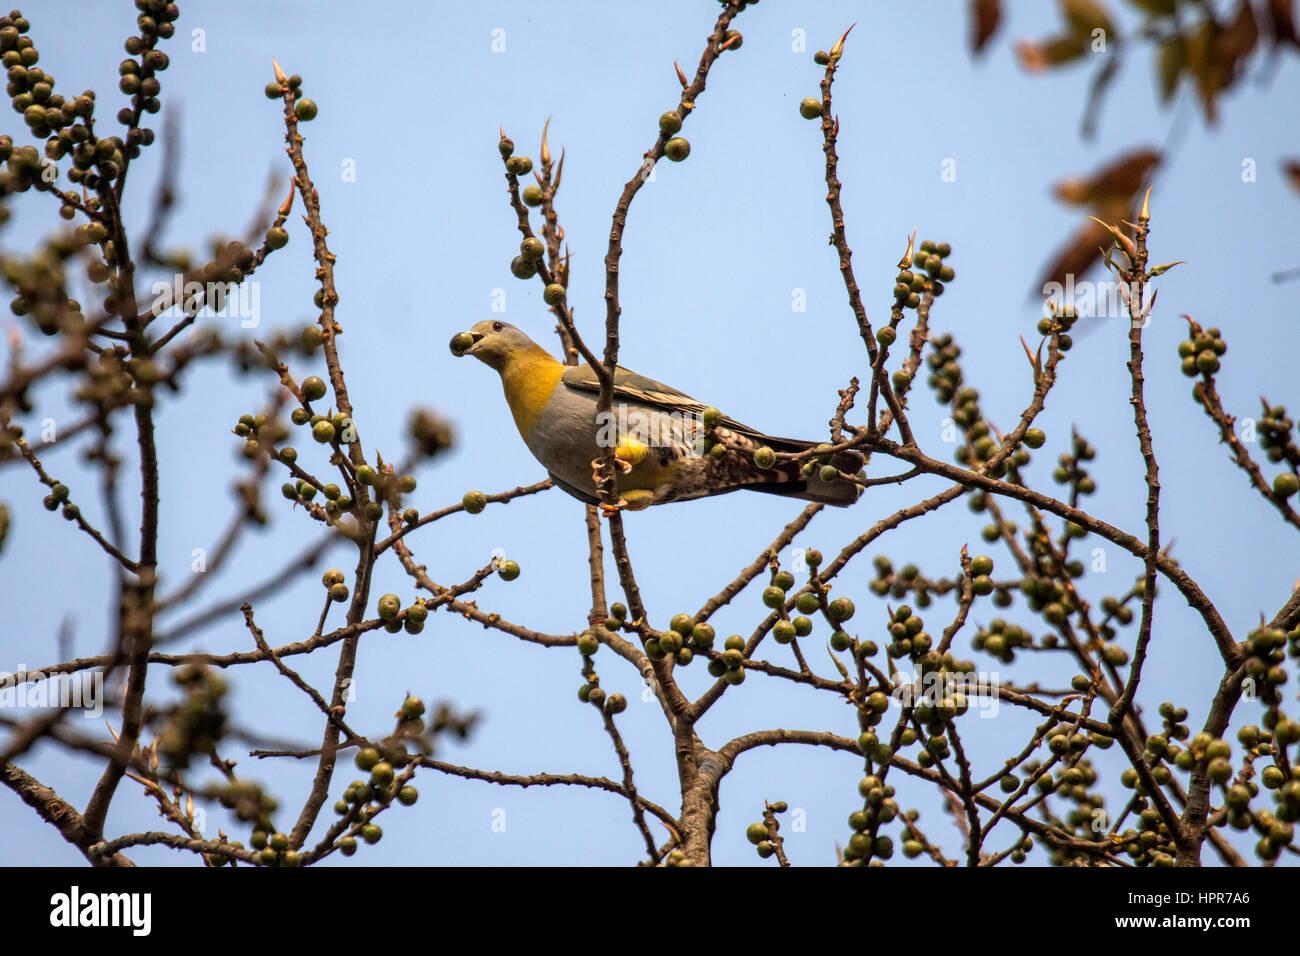 Gelbe footed grüne Taube thront im Obstbaum mit Früchten in Rechnung Assam Indien Stockbild